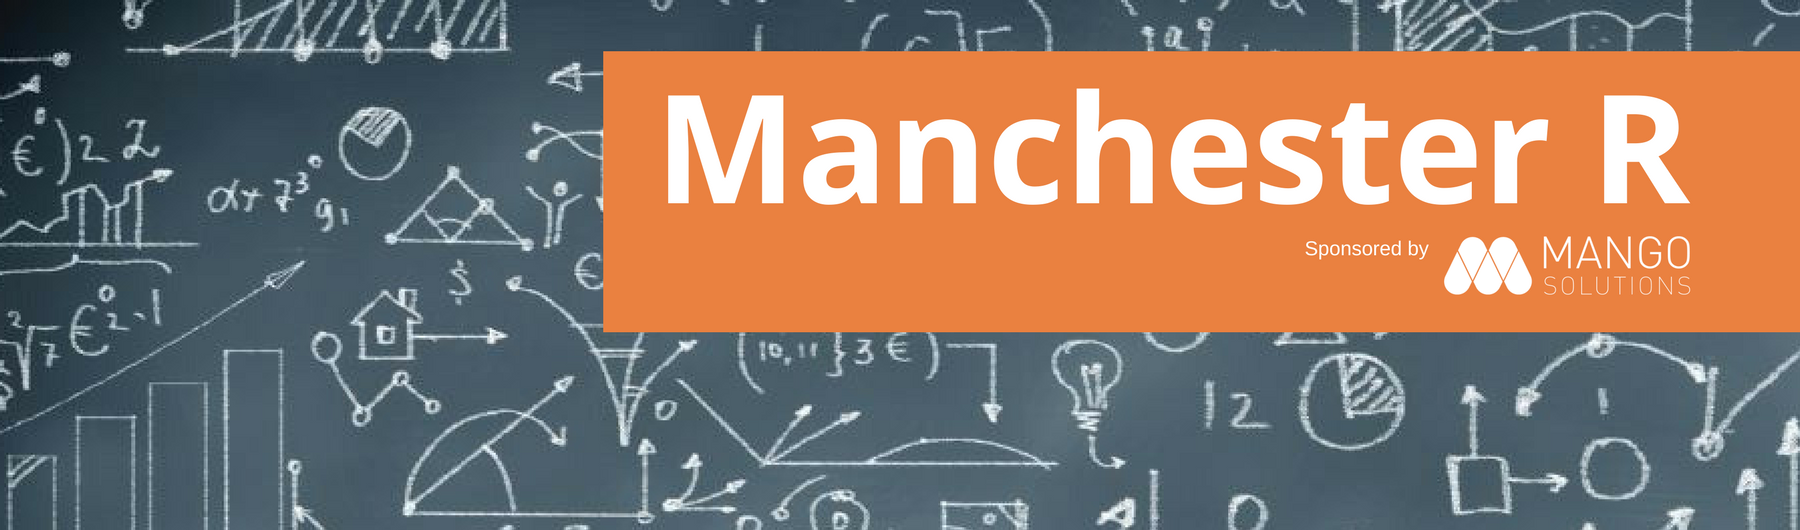 ManchesterR: 9 August 2018